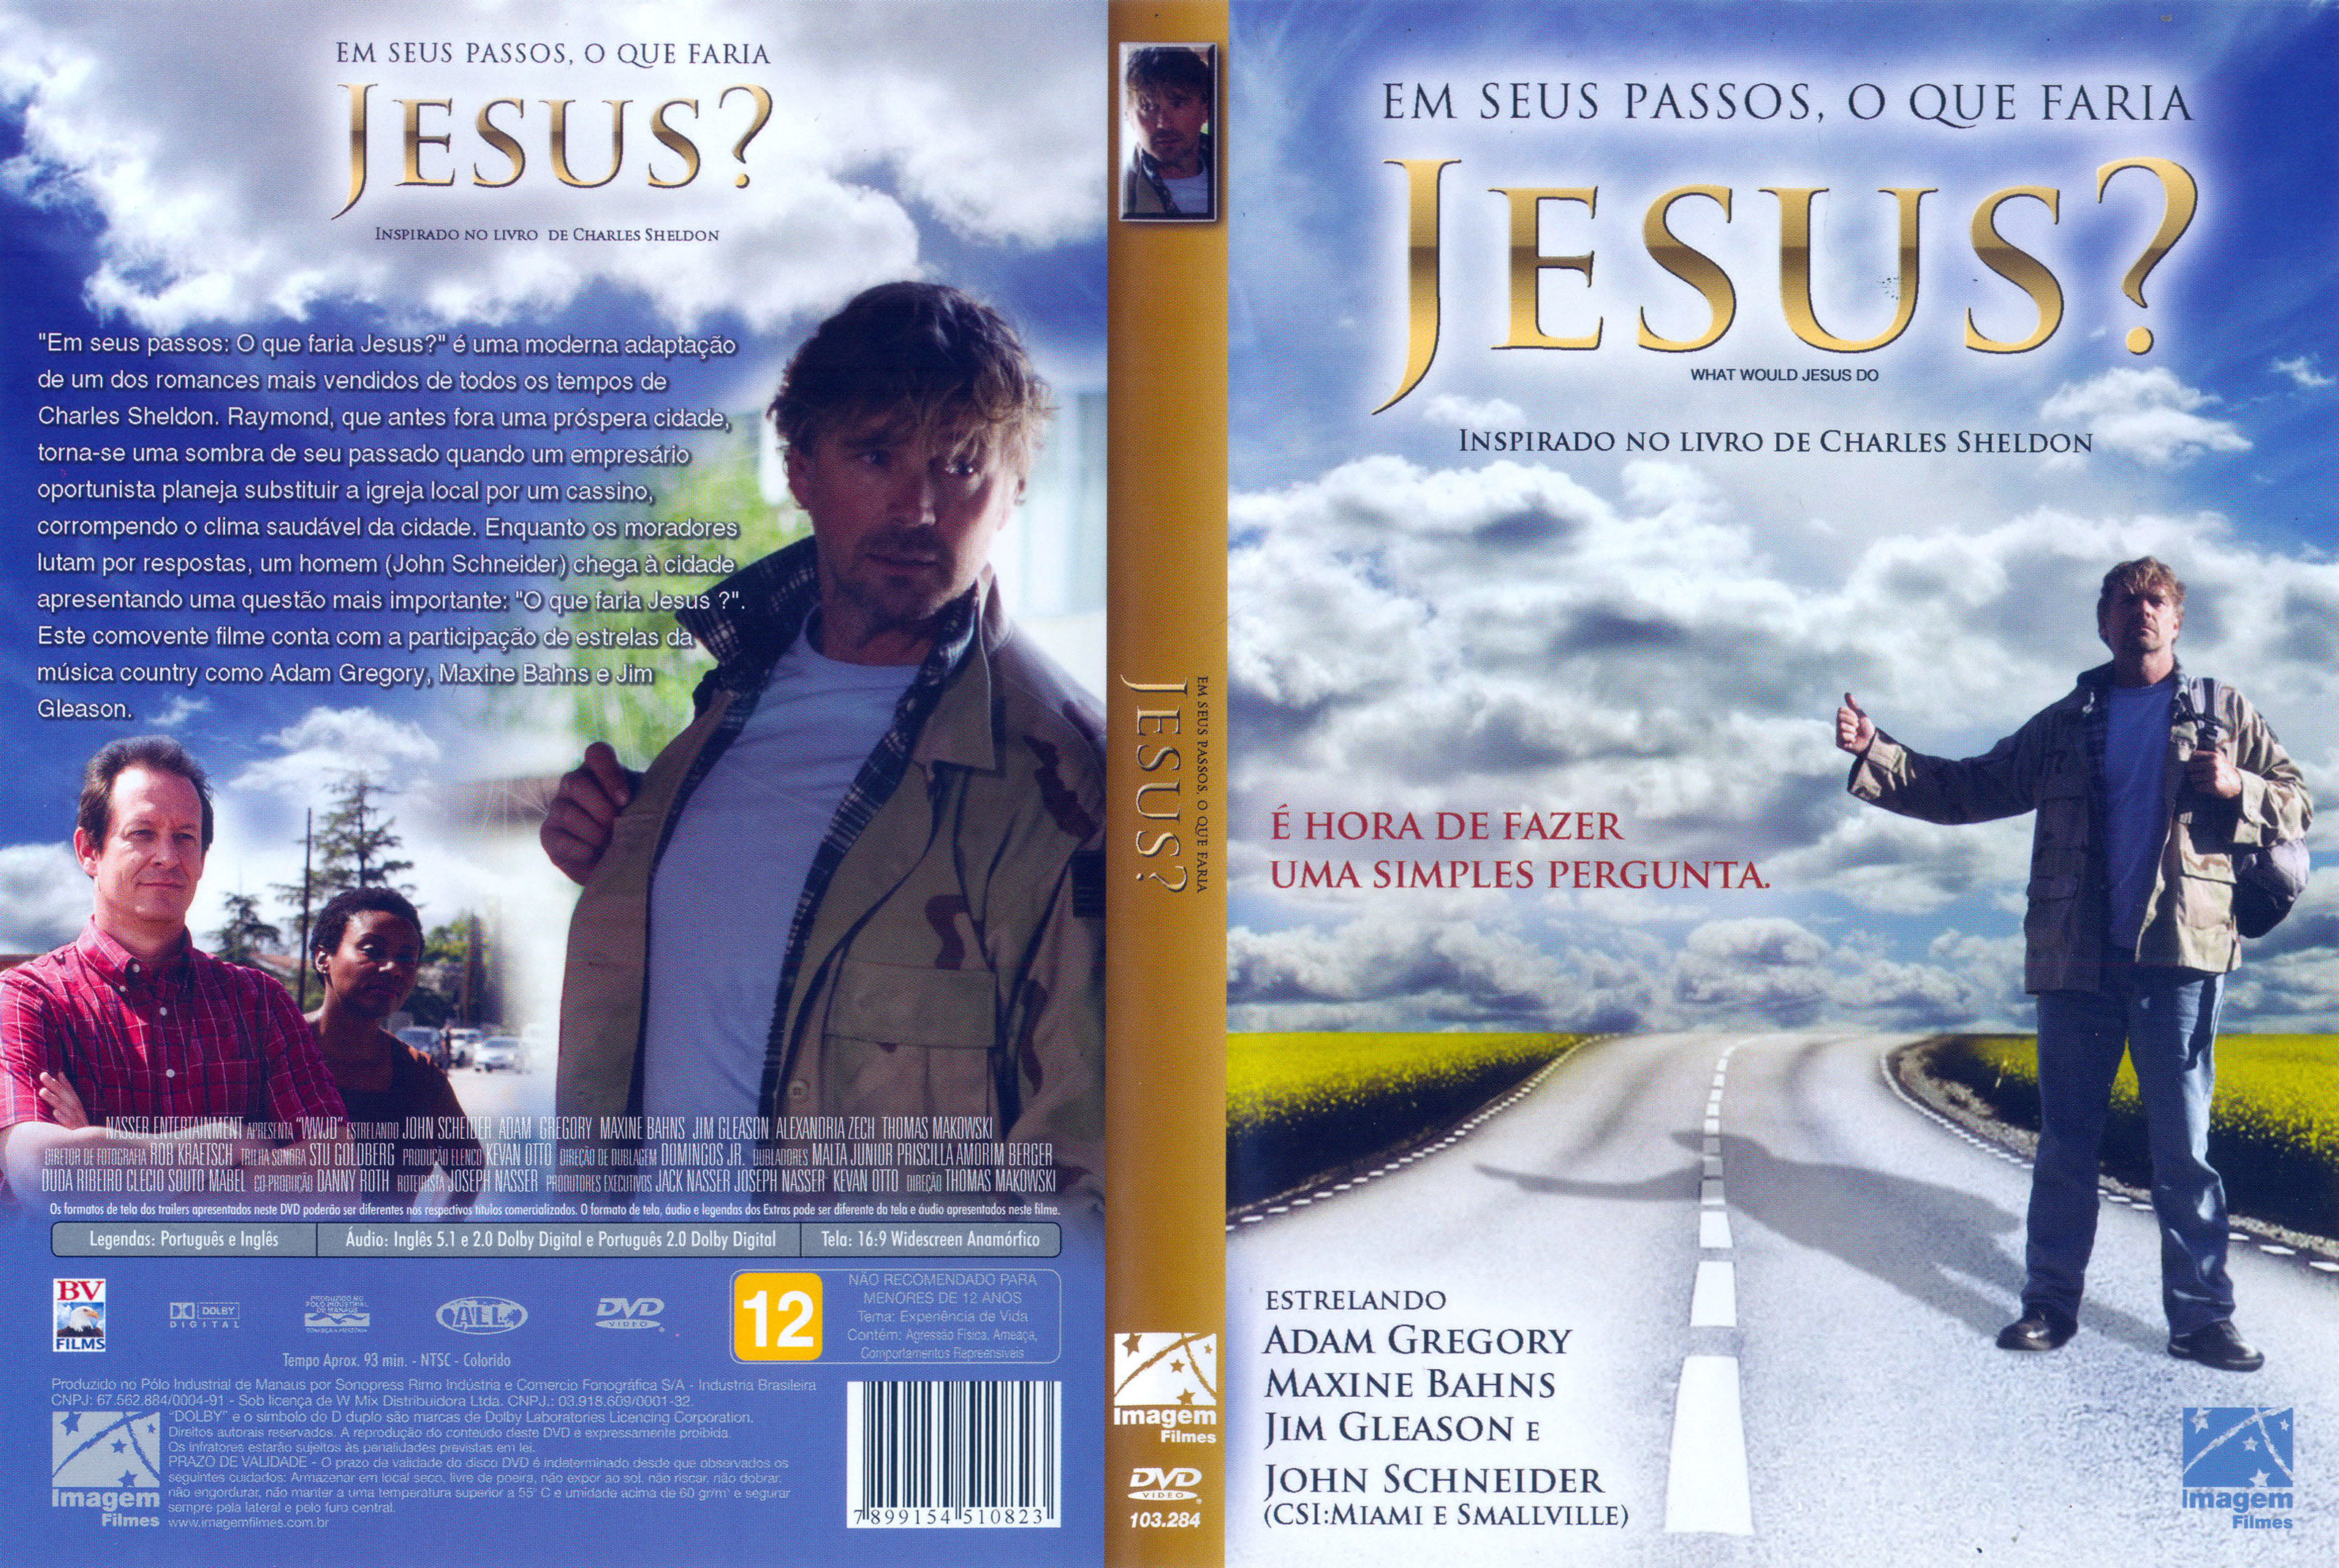 Resultado de imagem para Em Seus Passos, O Que Faria Jesus? capa